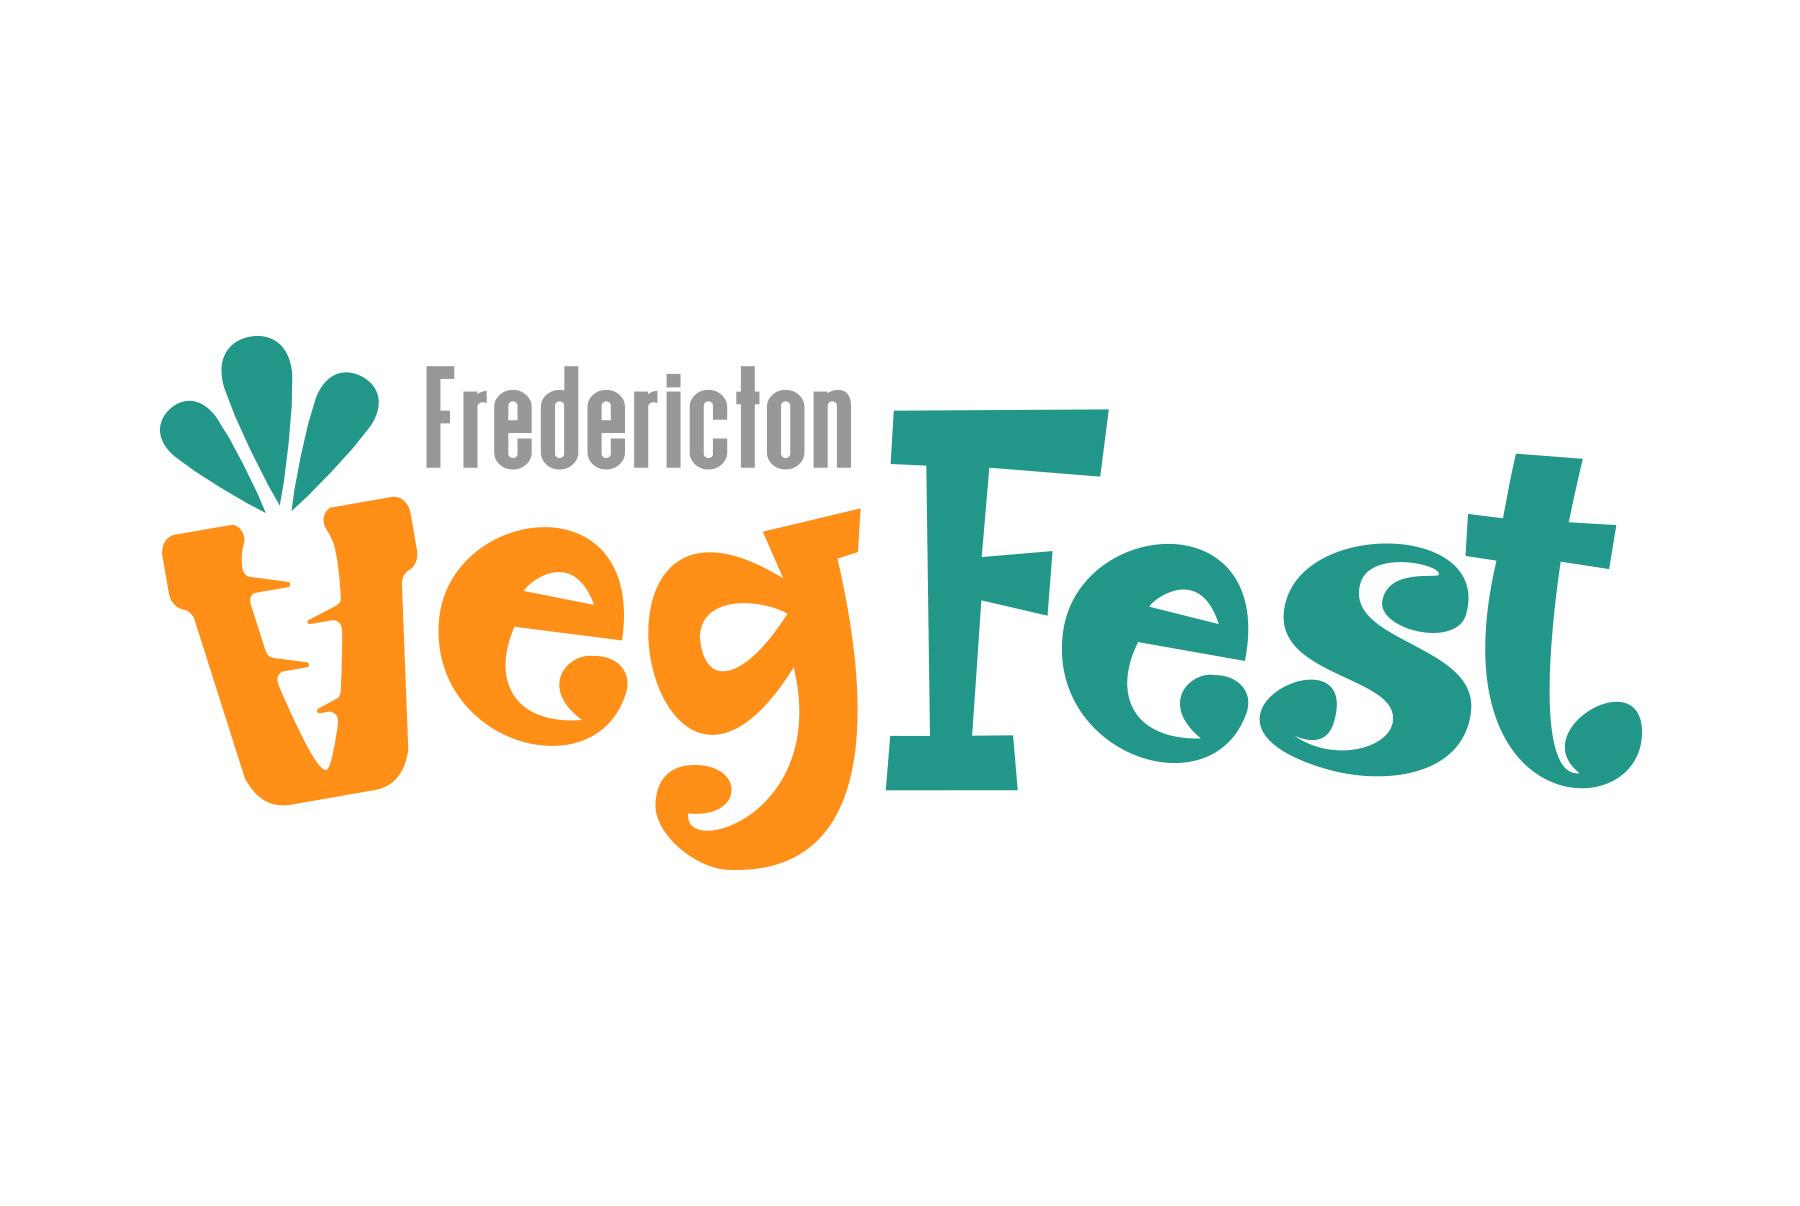 Fredericton Veg Fest